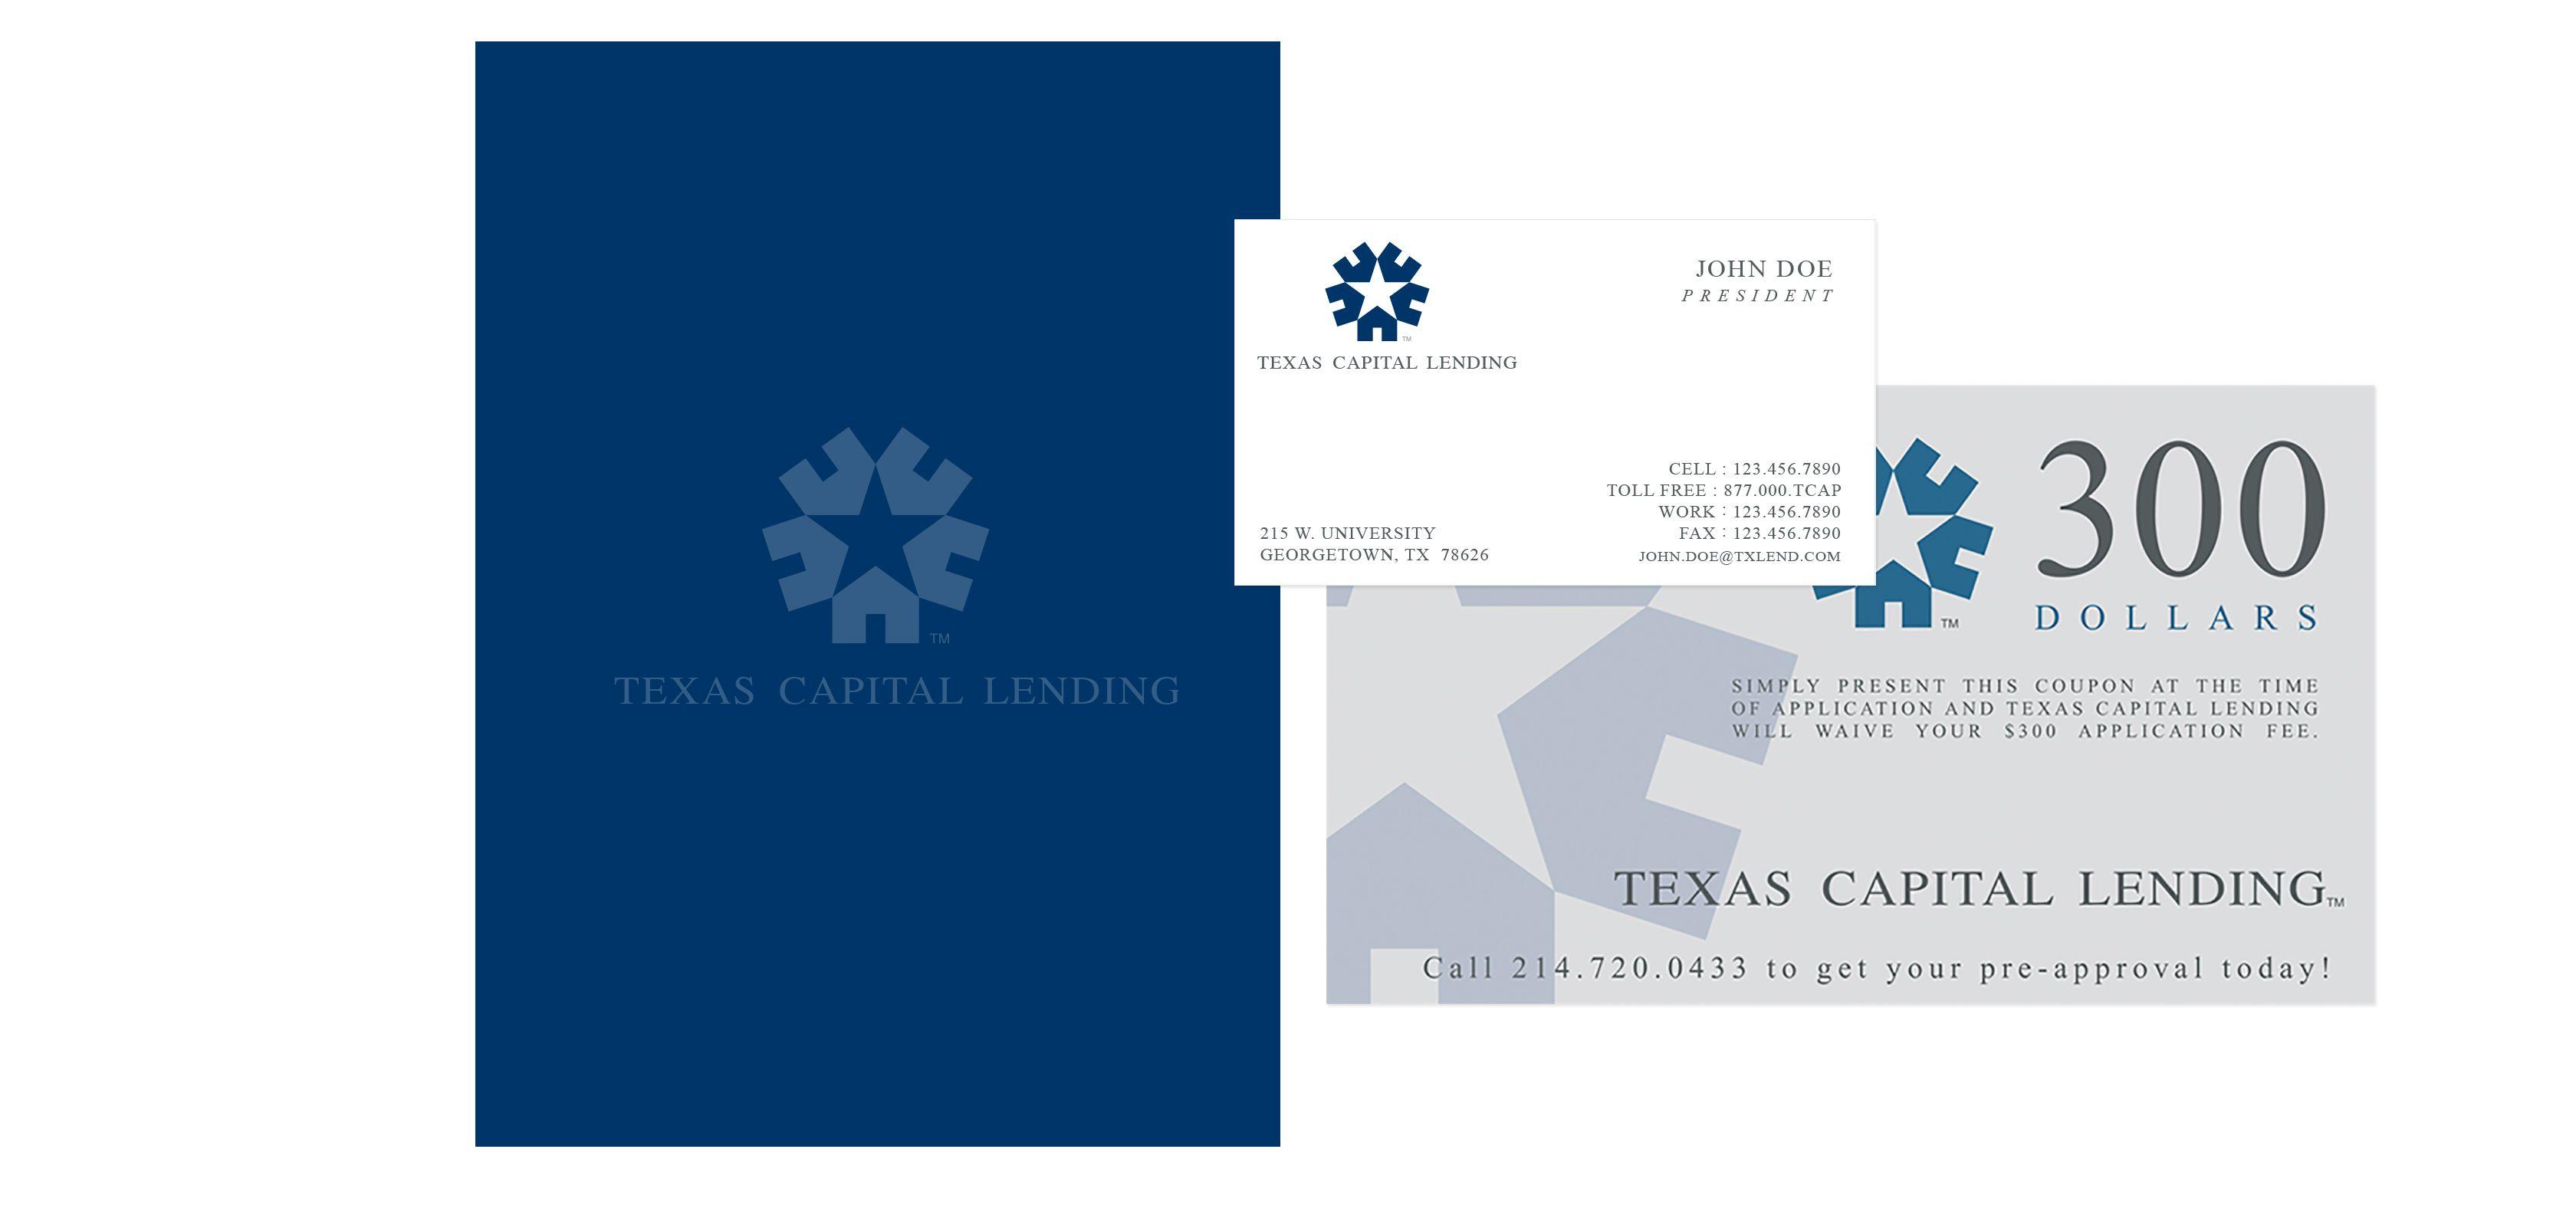 Texas Capital Lending Services Branding The Old State Branding Agency Branding Texas